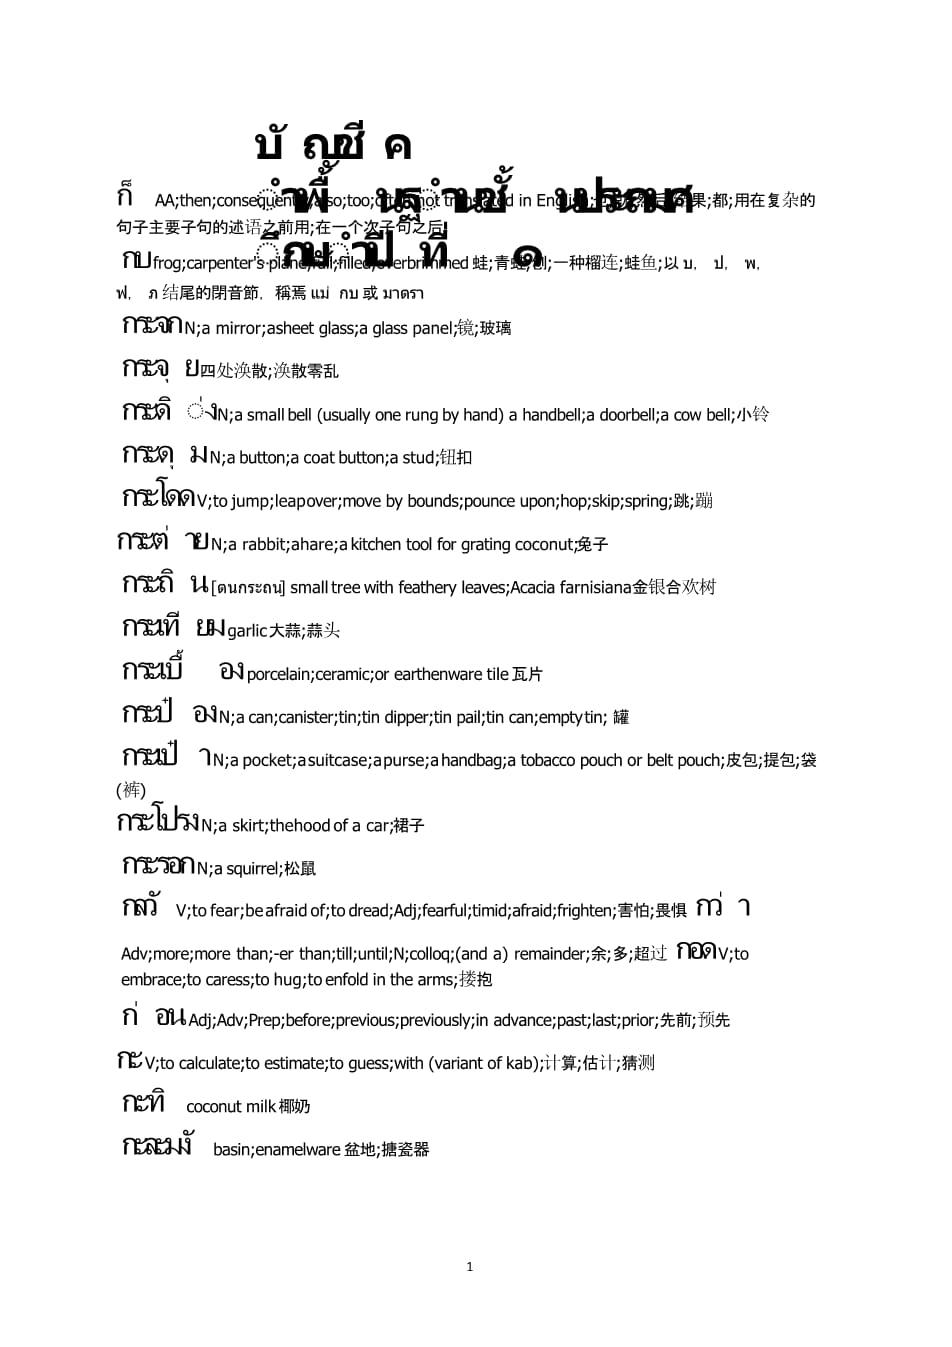 泰语常用3000个单词中英翻译.pptx